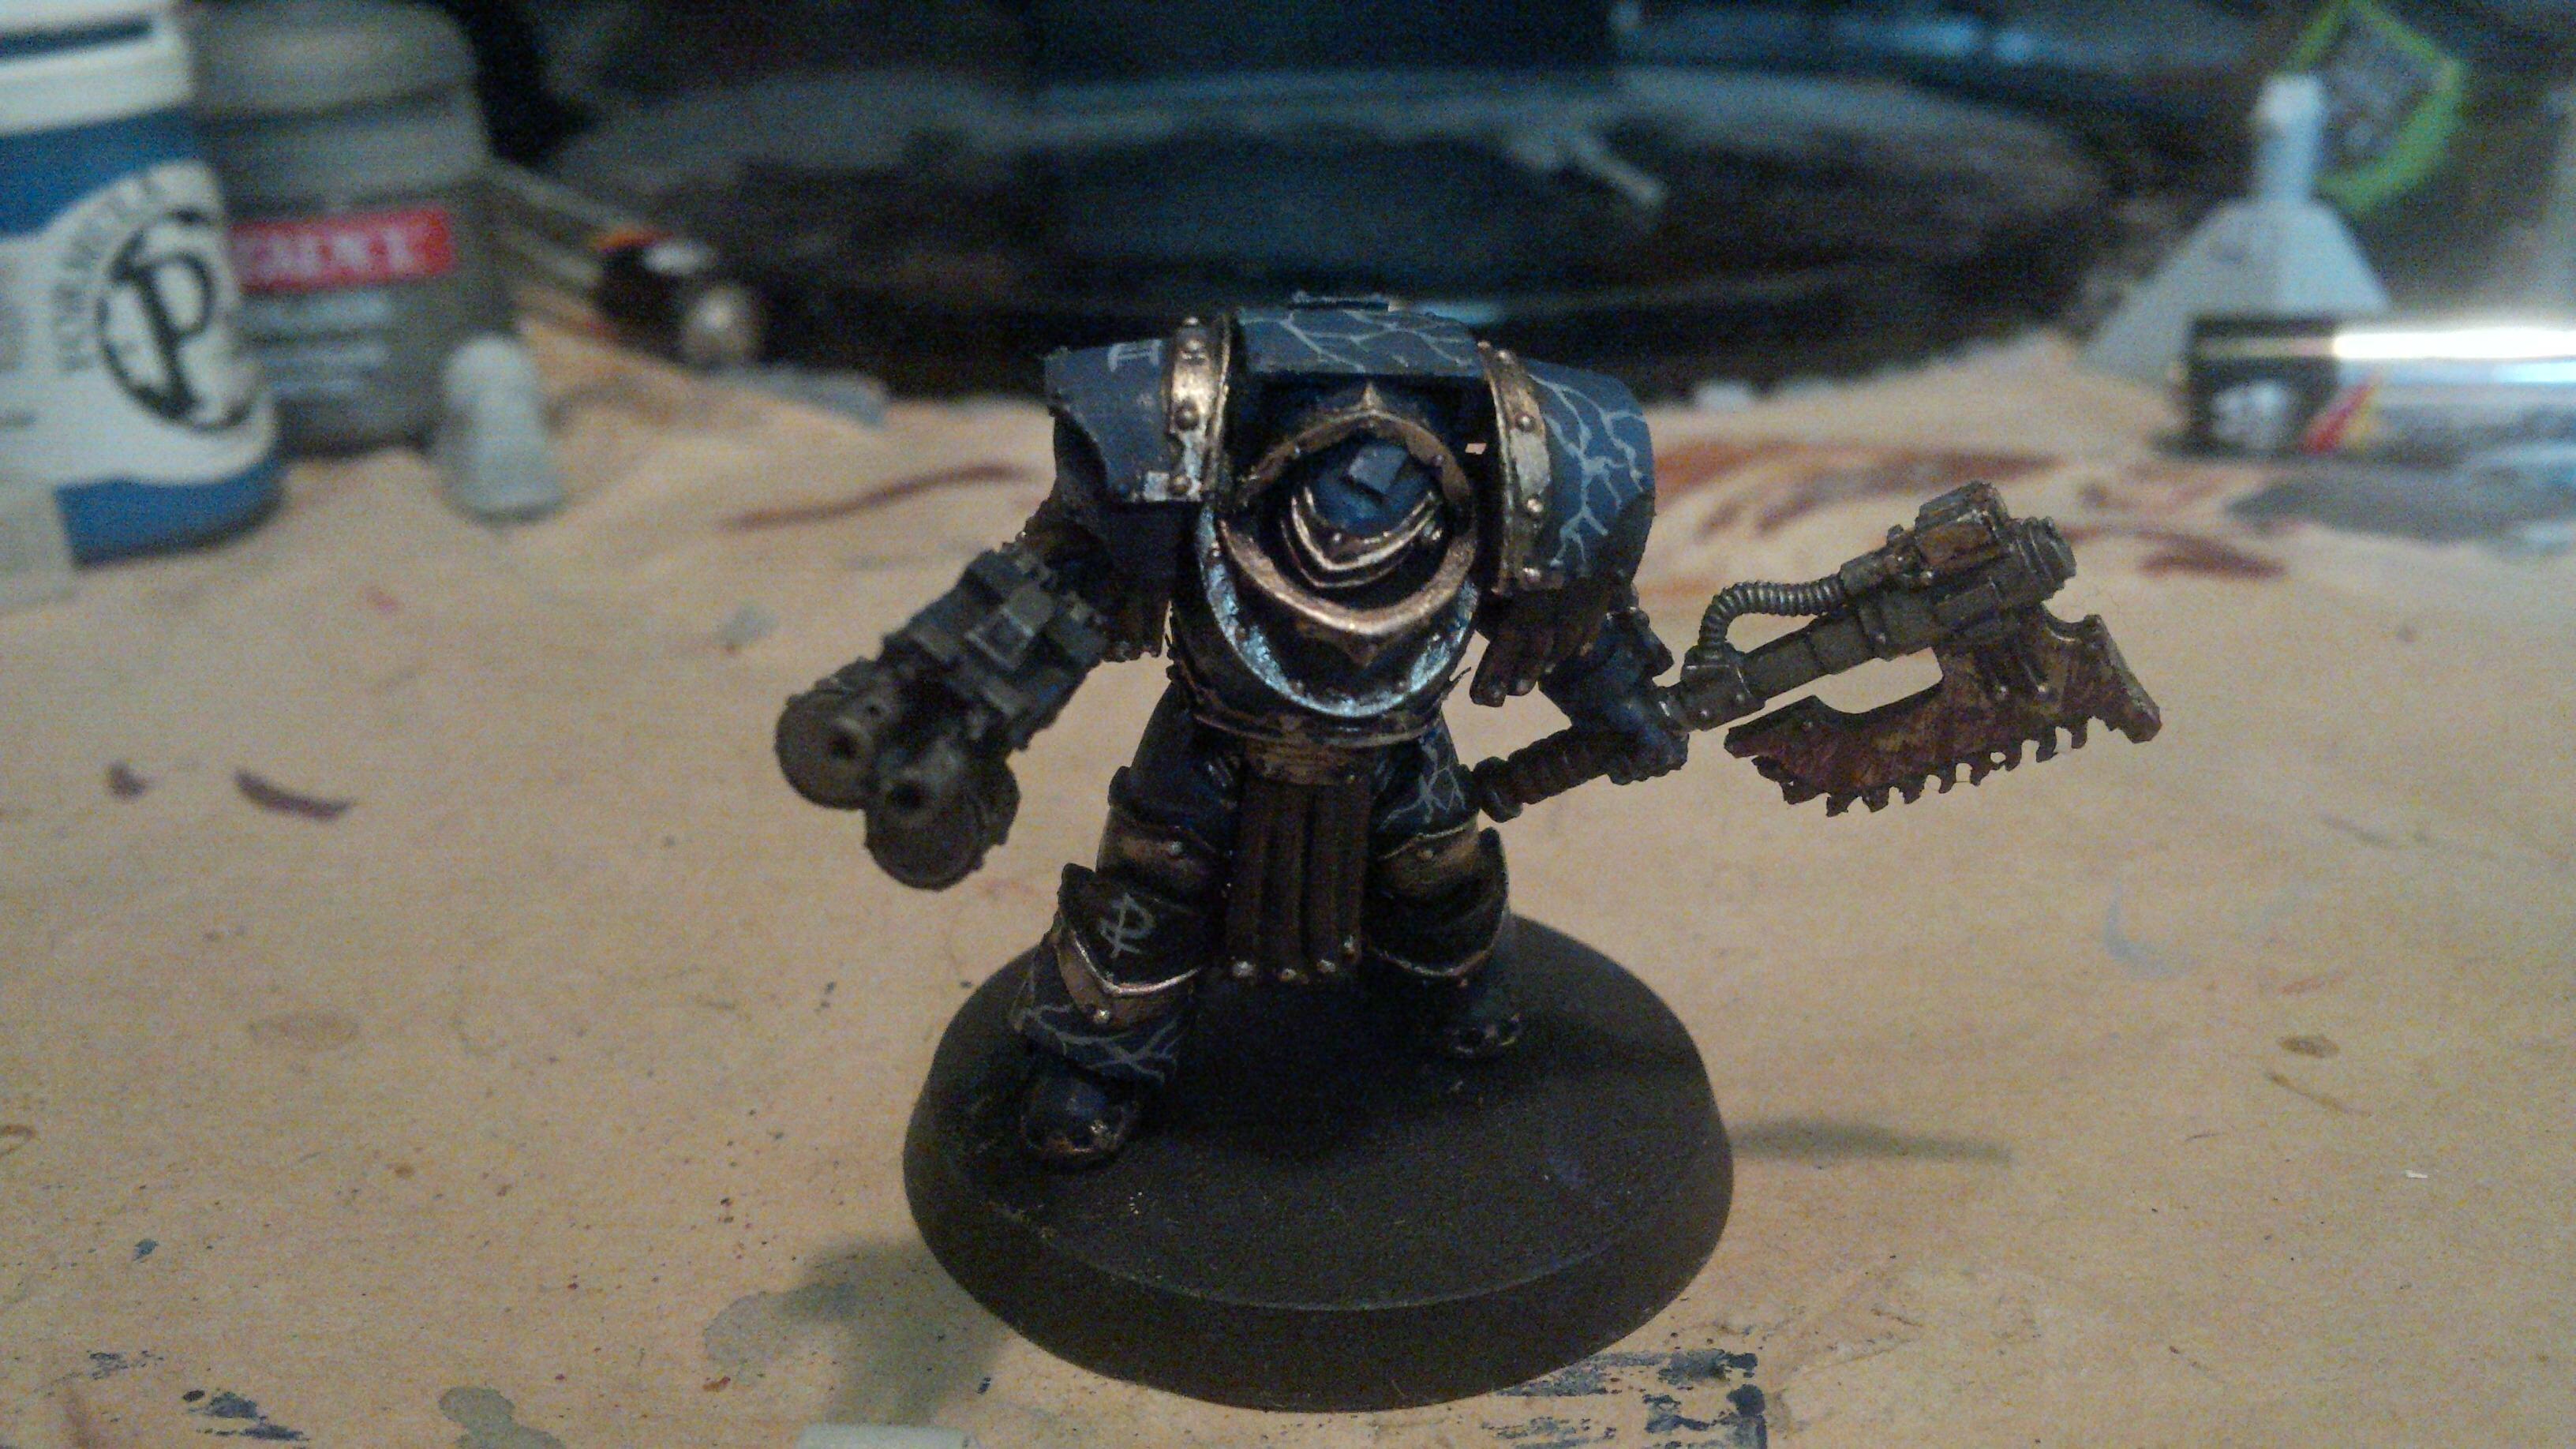 30k, Blue, Cataphractii, Gold, Horus Heresy, Lightning, Night Lord, Power Axe, Skull, Terminator Armor